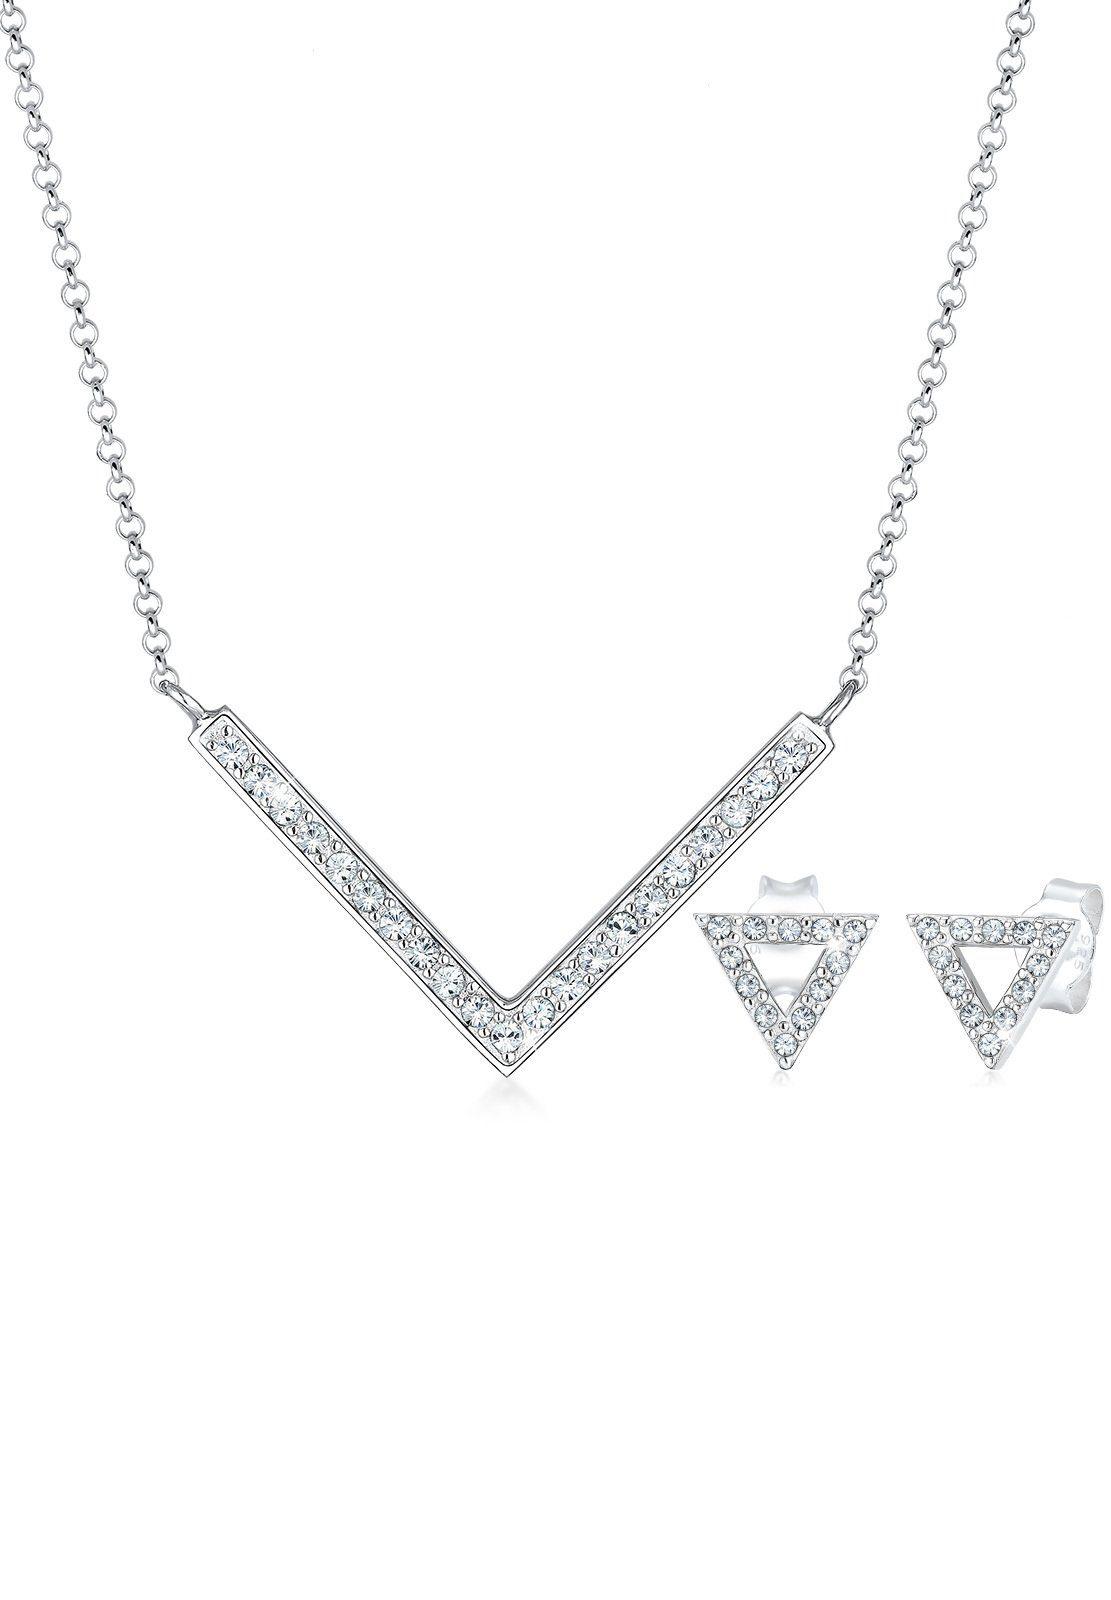 Elli Schmuckset Dreieck Geo Swarovski Kristalle Edgy 925 Silber | Schmuck > Schmucksets | Elli